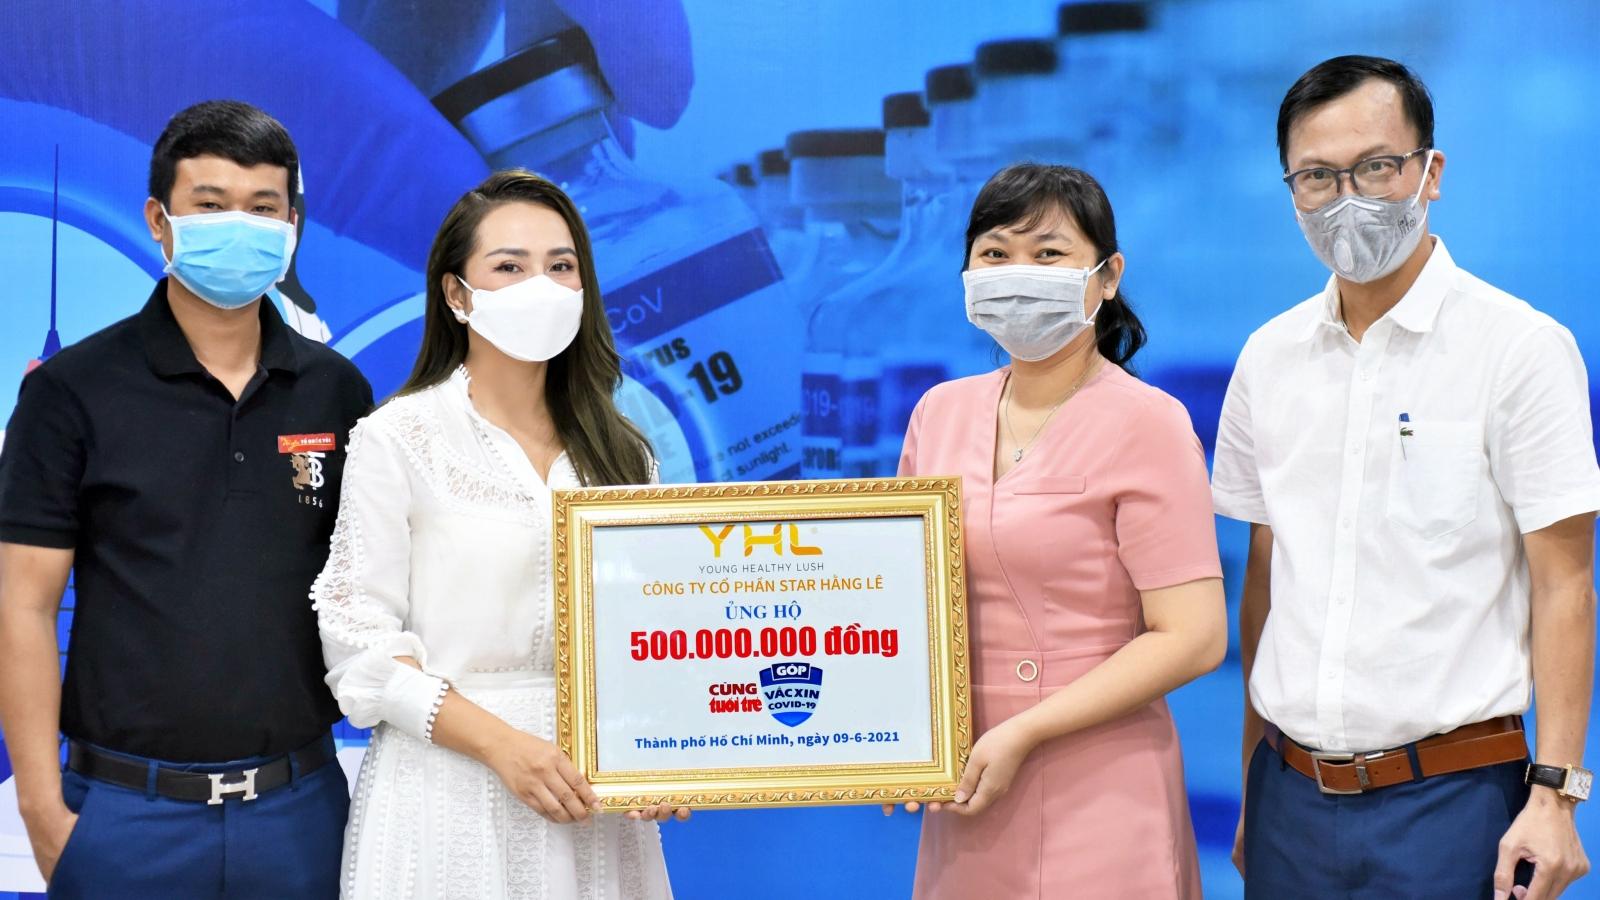 YHL Star Hằng Lê ủng hộ 500 triệu đồng cho Quỹ vaccine phòng COVID-19